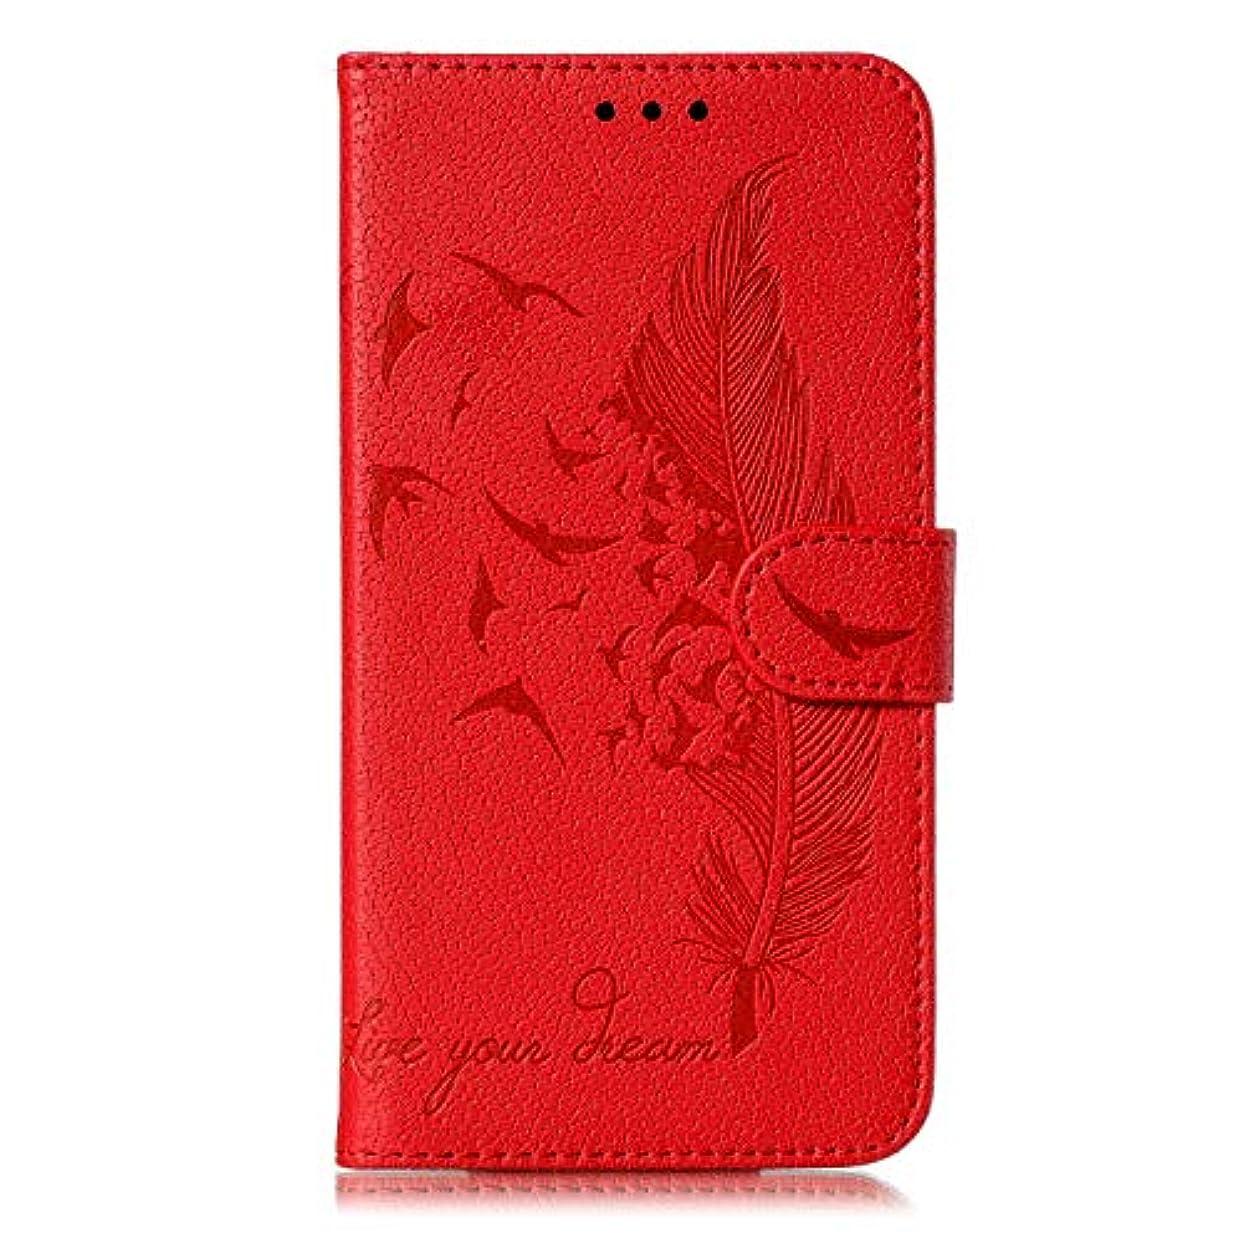 控えめなメール経験Galaxy A70 ケース, OMATENTI PUレザー手帳型 ケース, 薄型 財布押し花 フェザー柄 スマホケース, マグネット開閉式 スタンド機能 カード収納 付き人気 新品, 赤